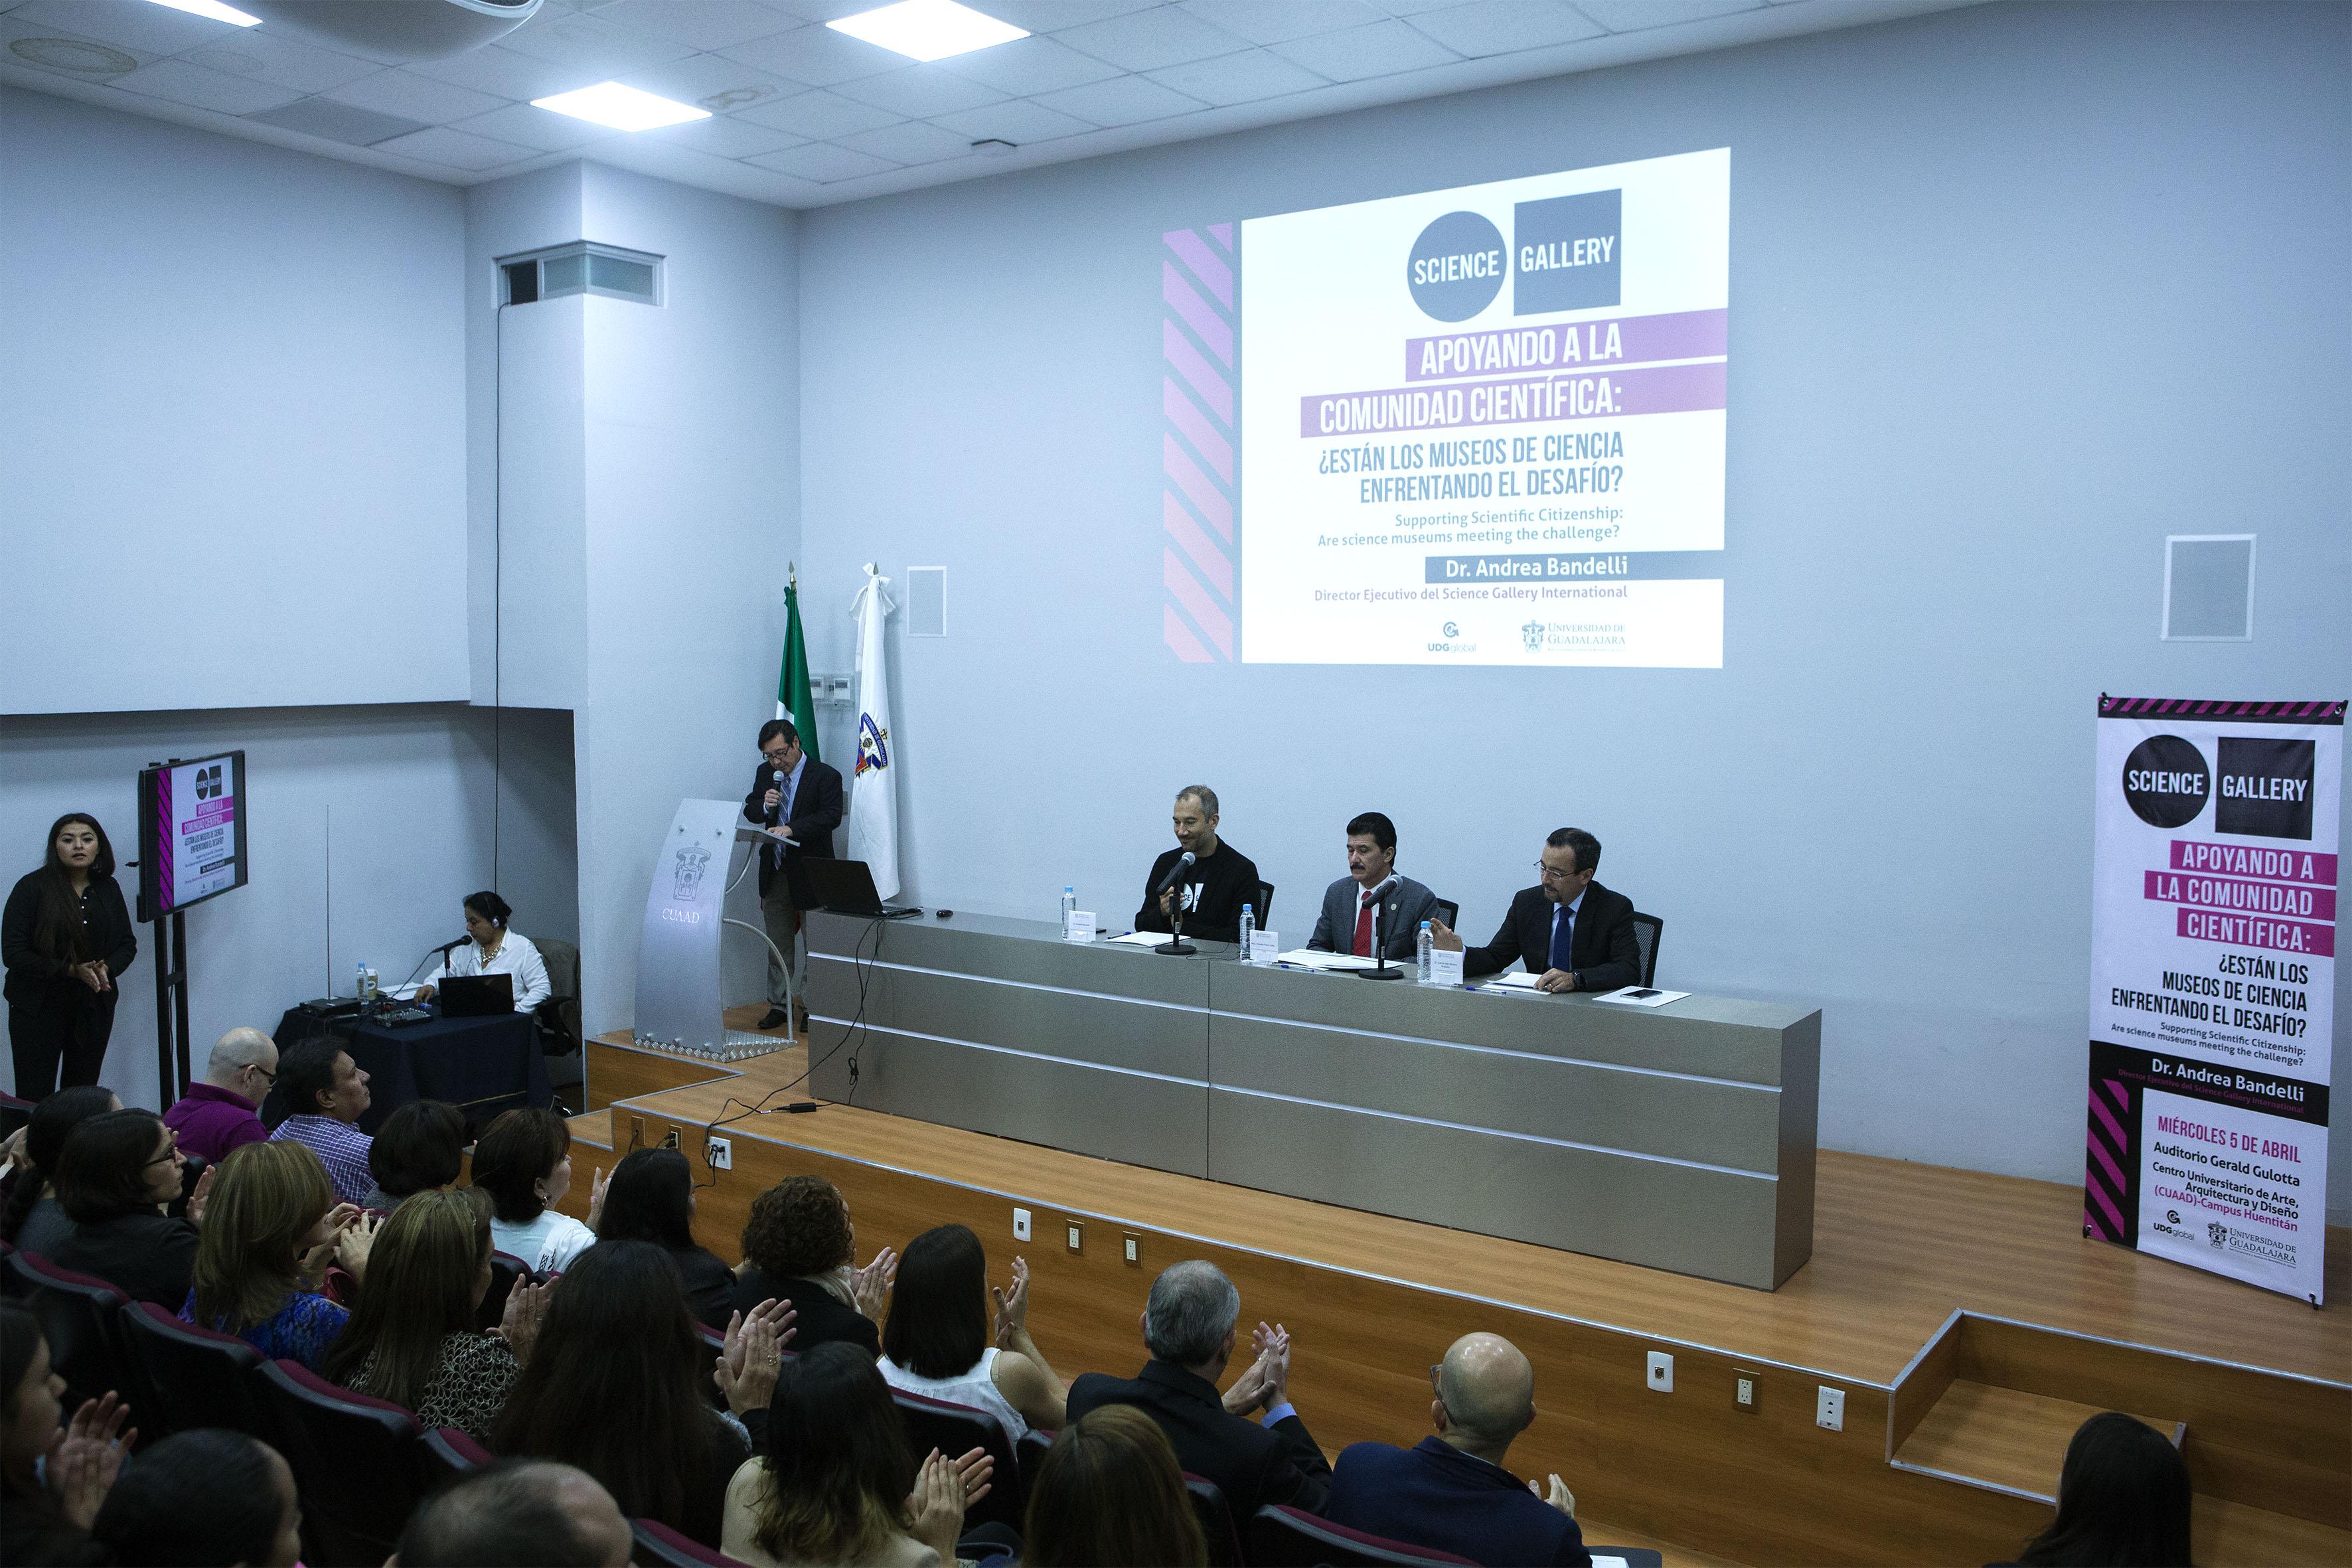 """Charla """"Apoyando a la ciudadanía científica:¿están los museos de ciencia enfrentando el desafío?"""", impartida por Andrea Bandelli, director ejecutivo de Science Gallery."""